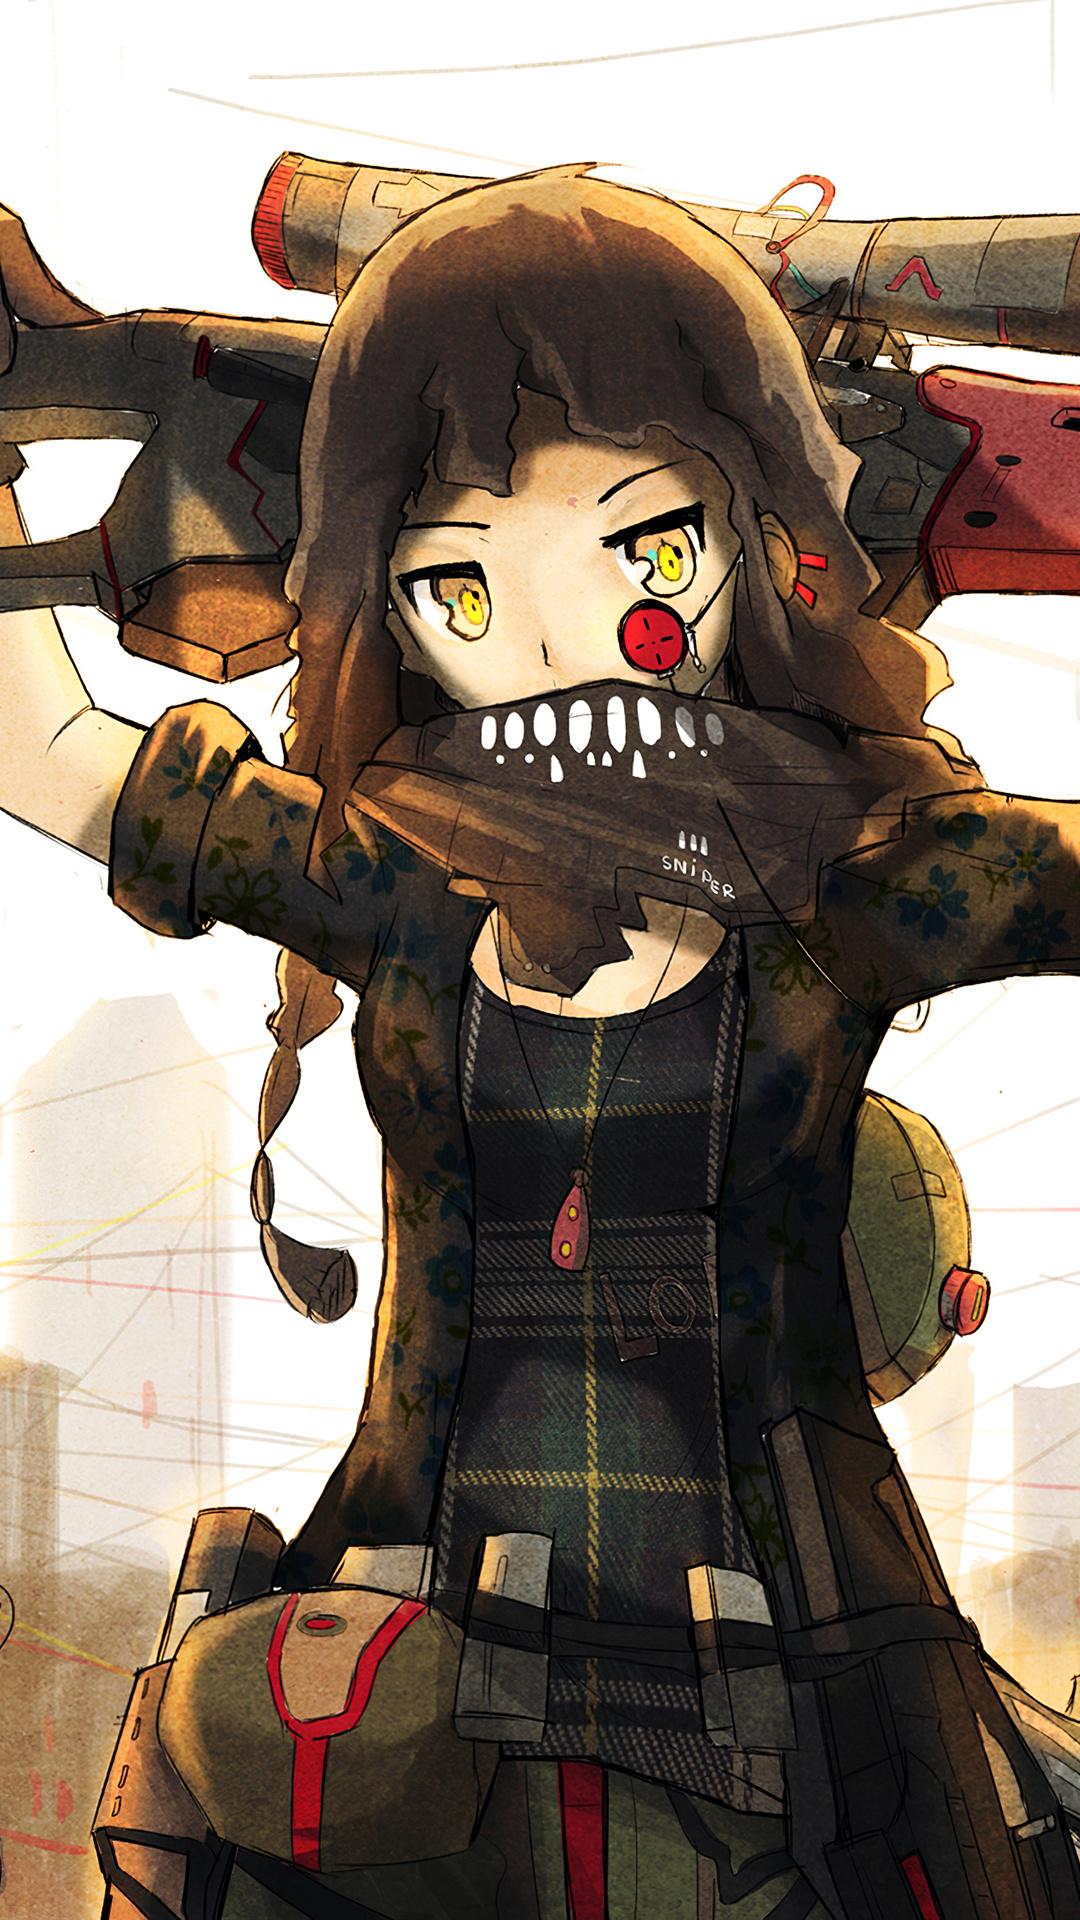 anime-girls-artwork-sniper-rifle-original-character-4k-6j.jpg